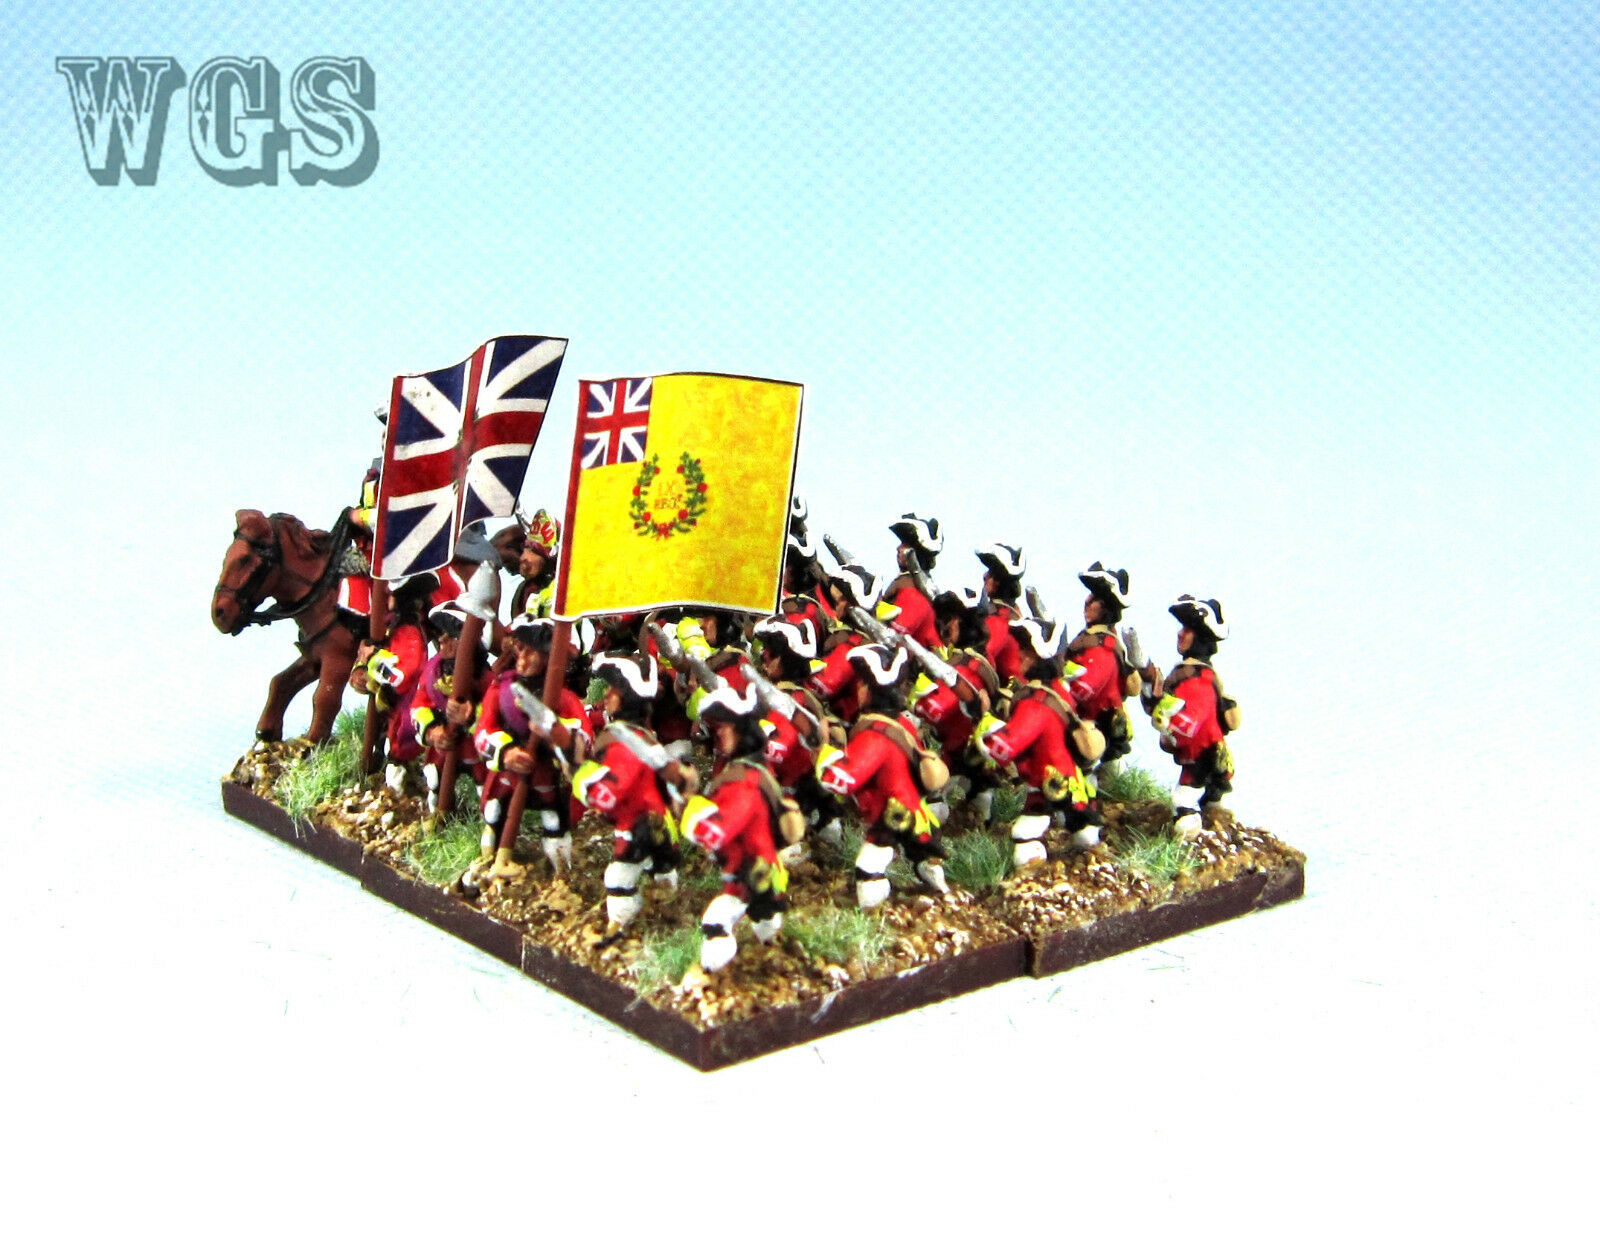 15 syw sieben jahre krieg britische musketier adavancing ba13 wgs gemalt